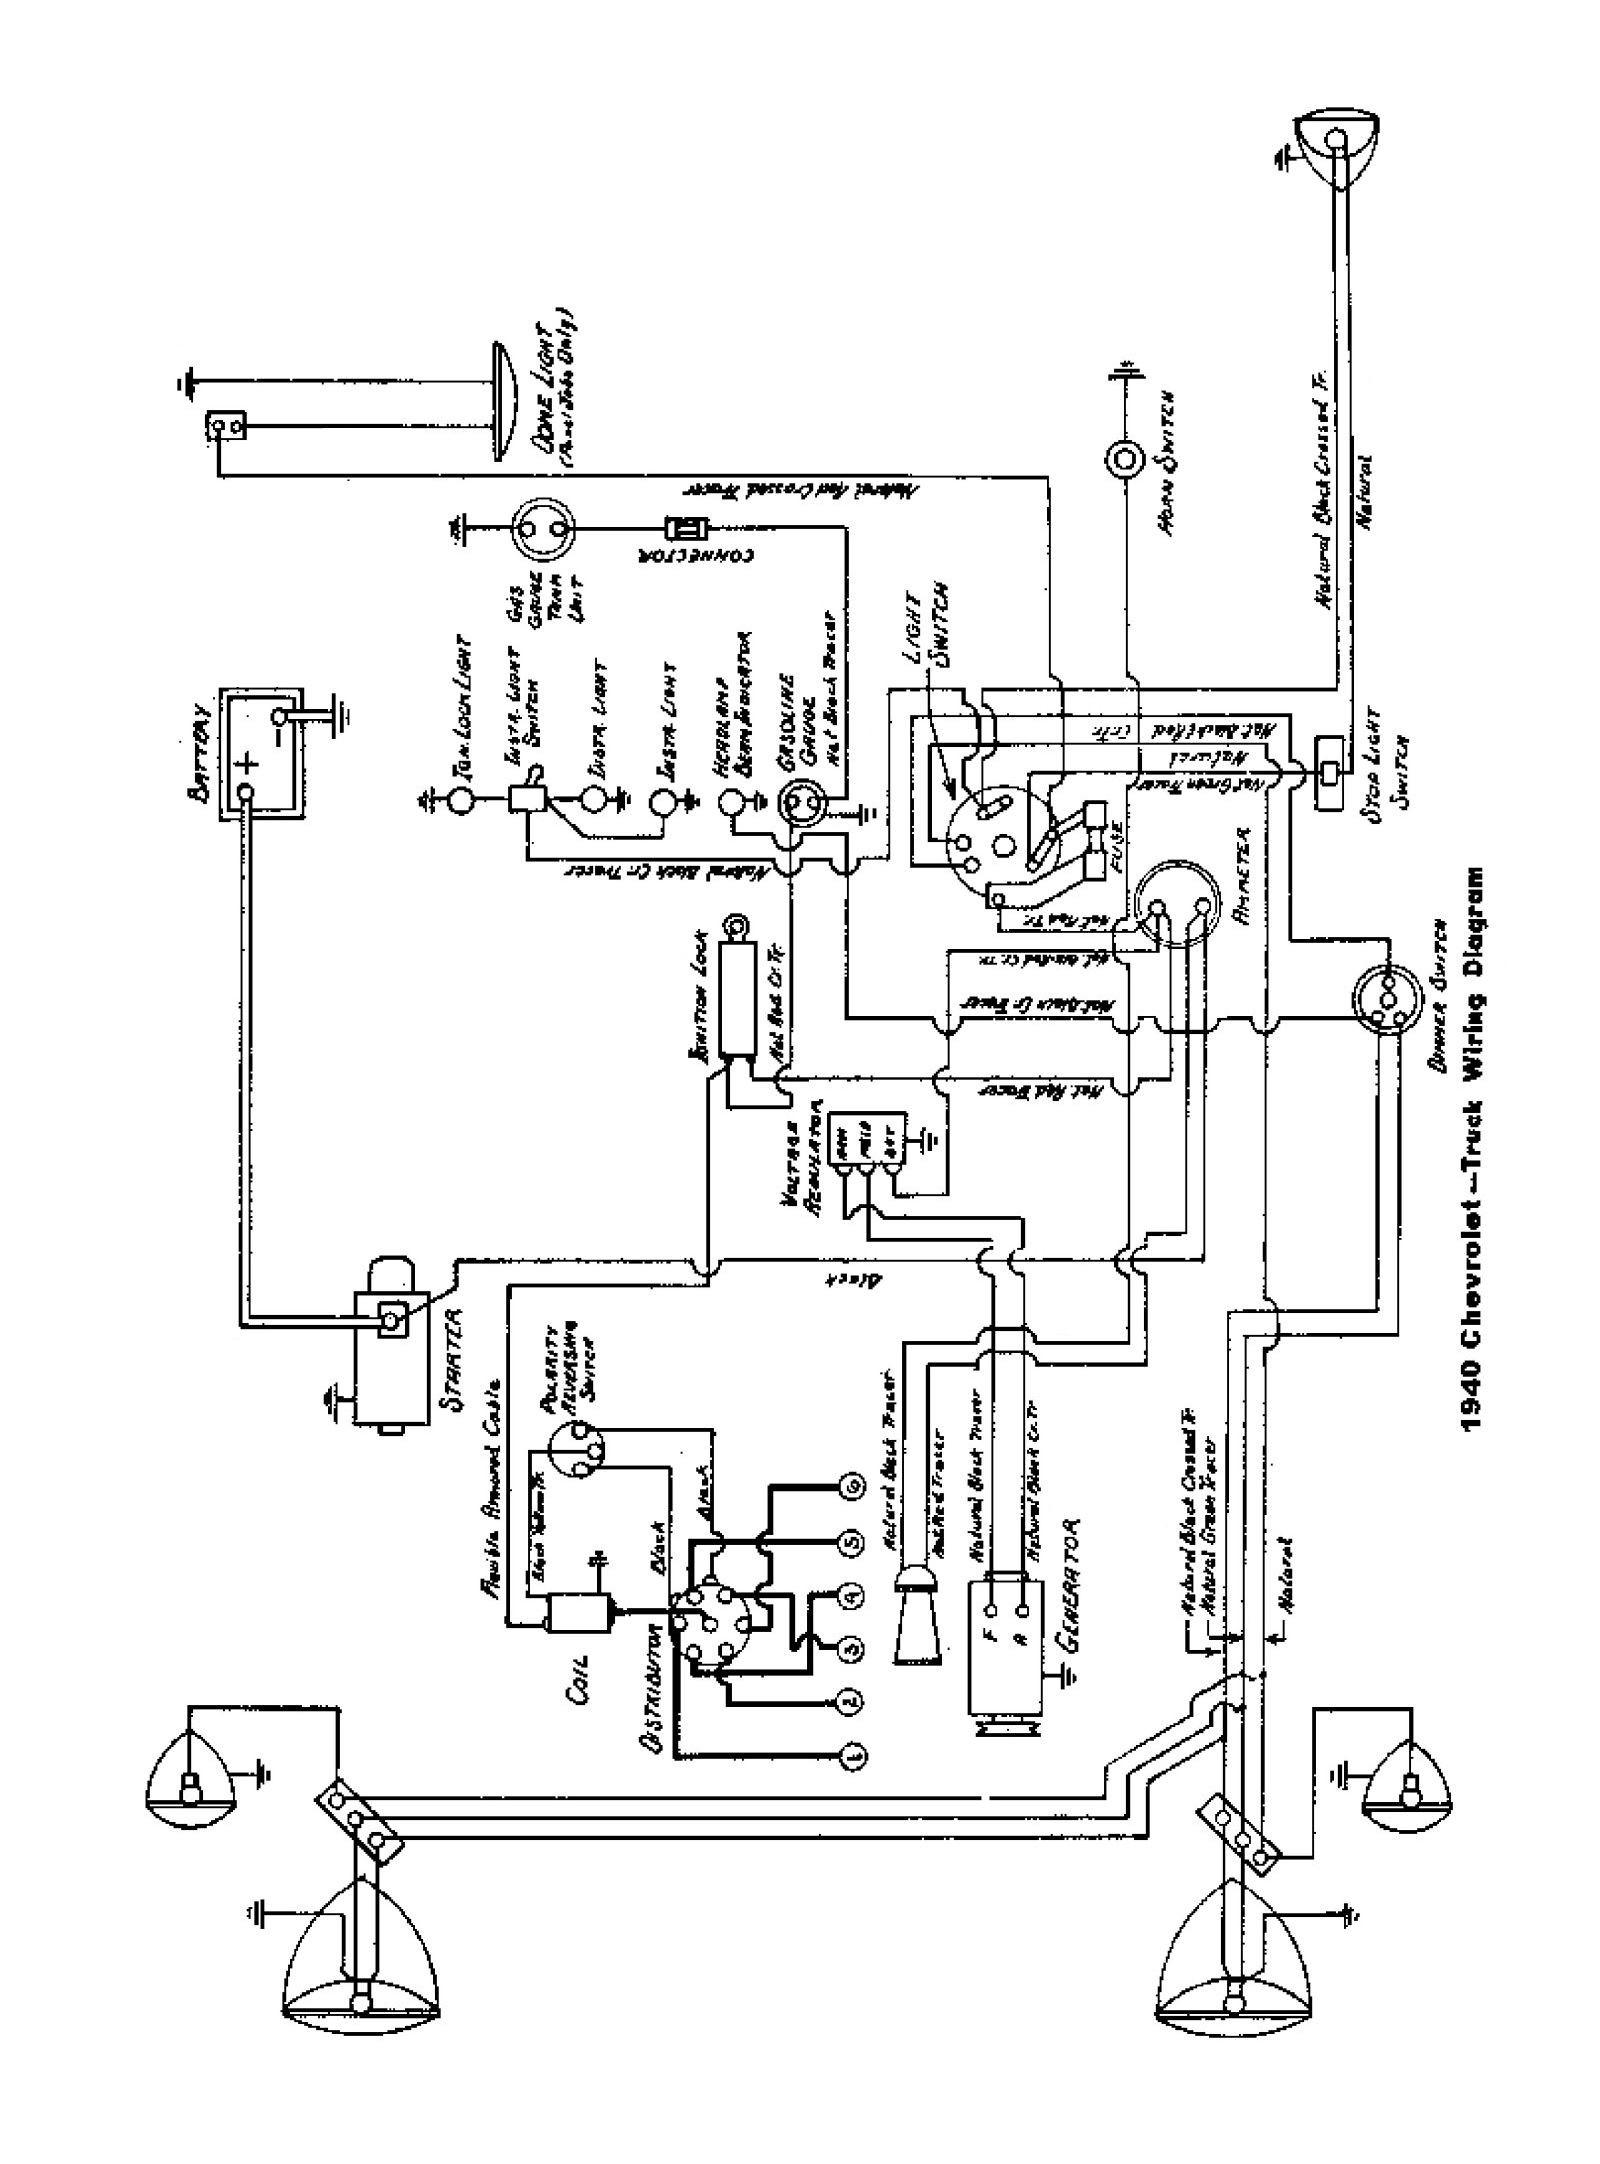 1960 chevrolet wiring harness